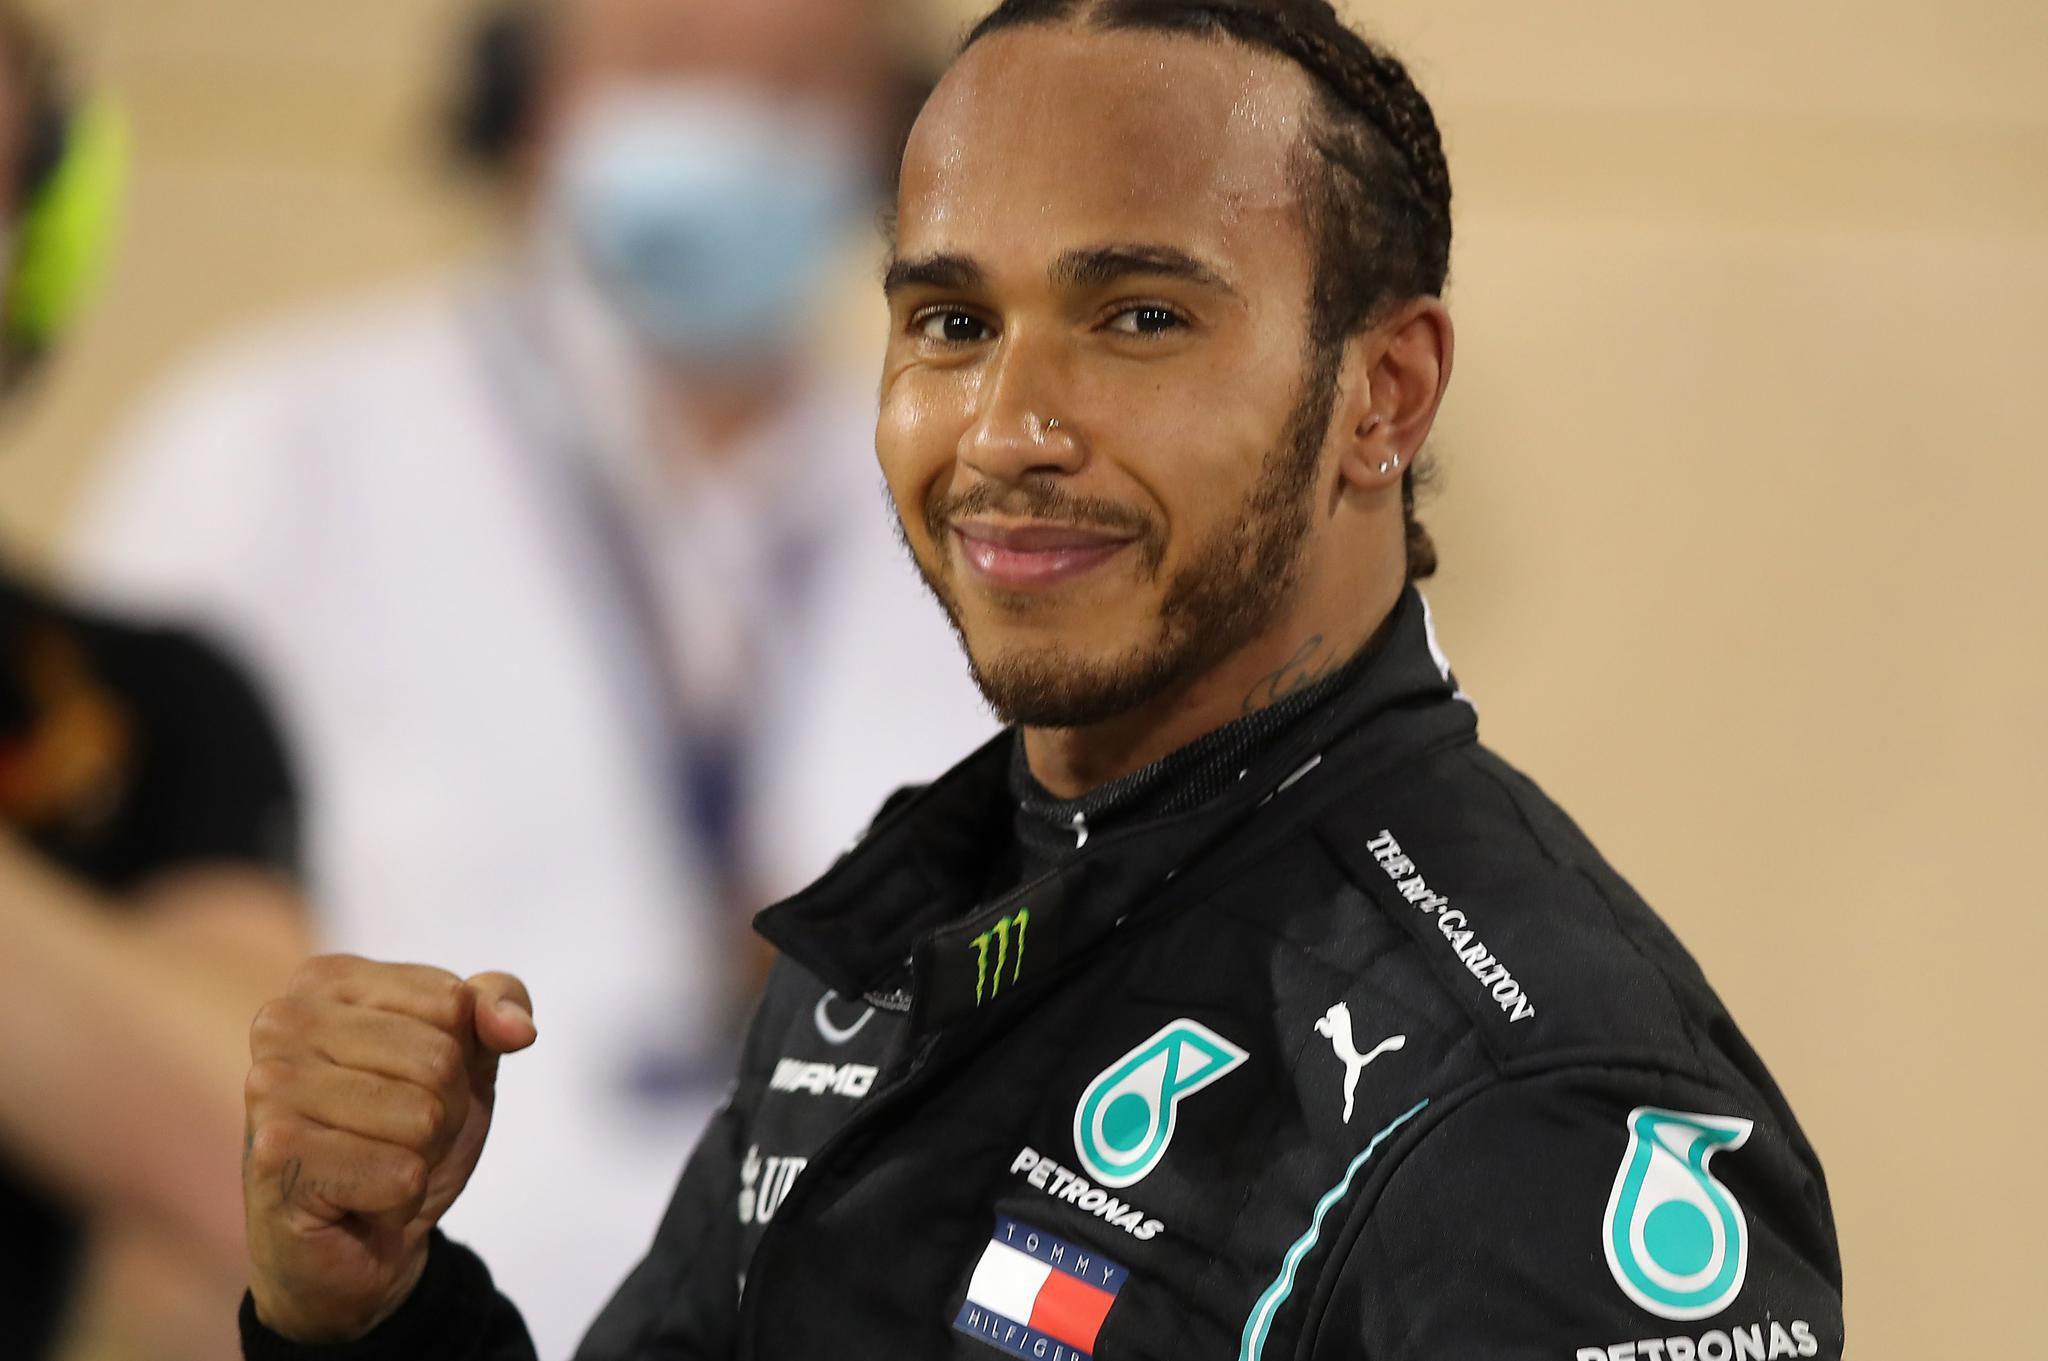 F1巴林站:汉密尔顿无悬念夺冠 格罗斯让火海逃生